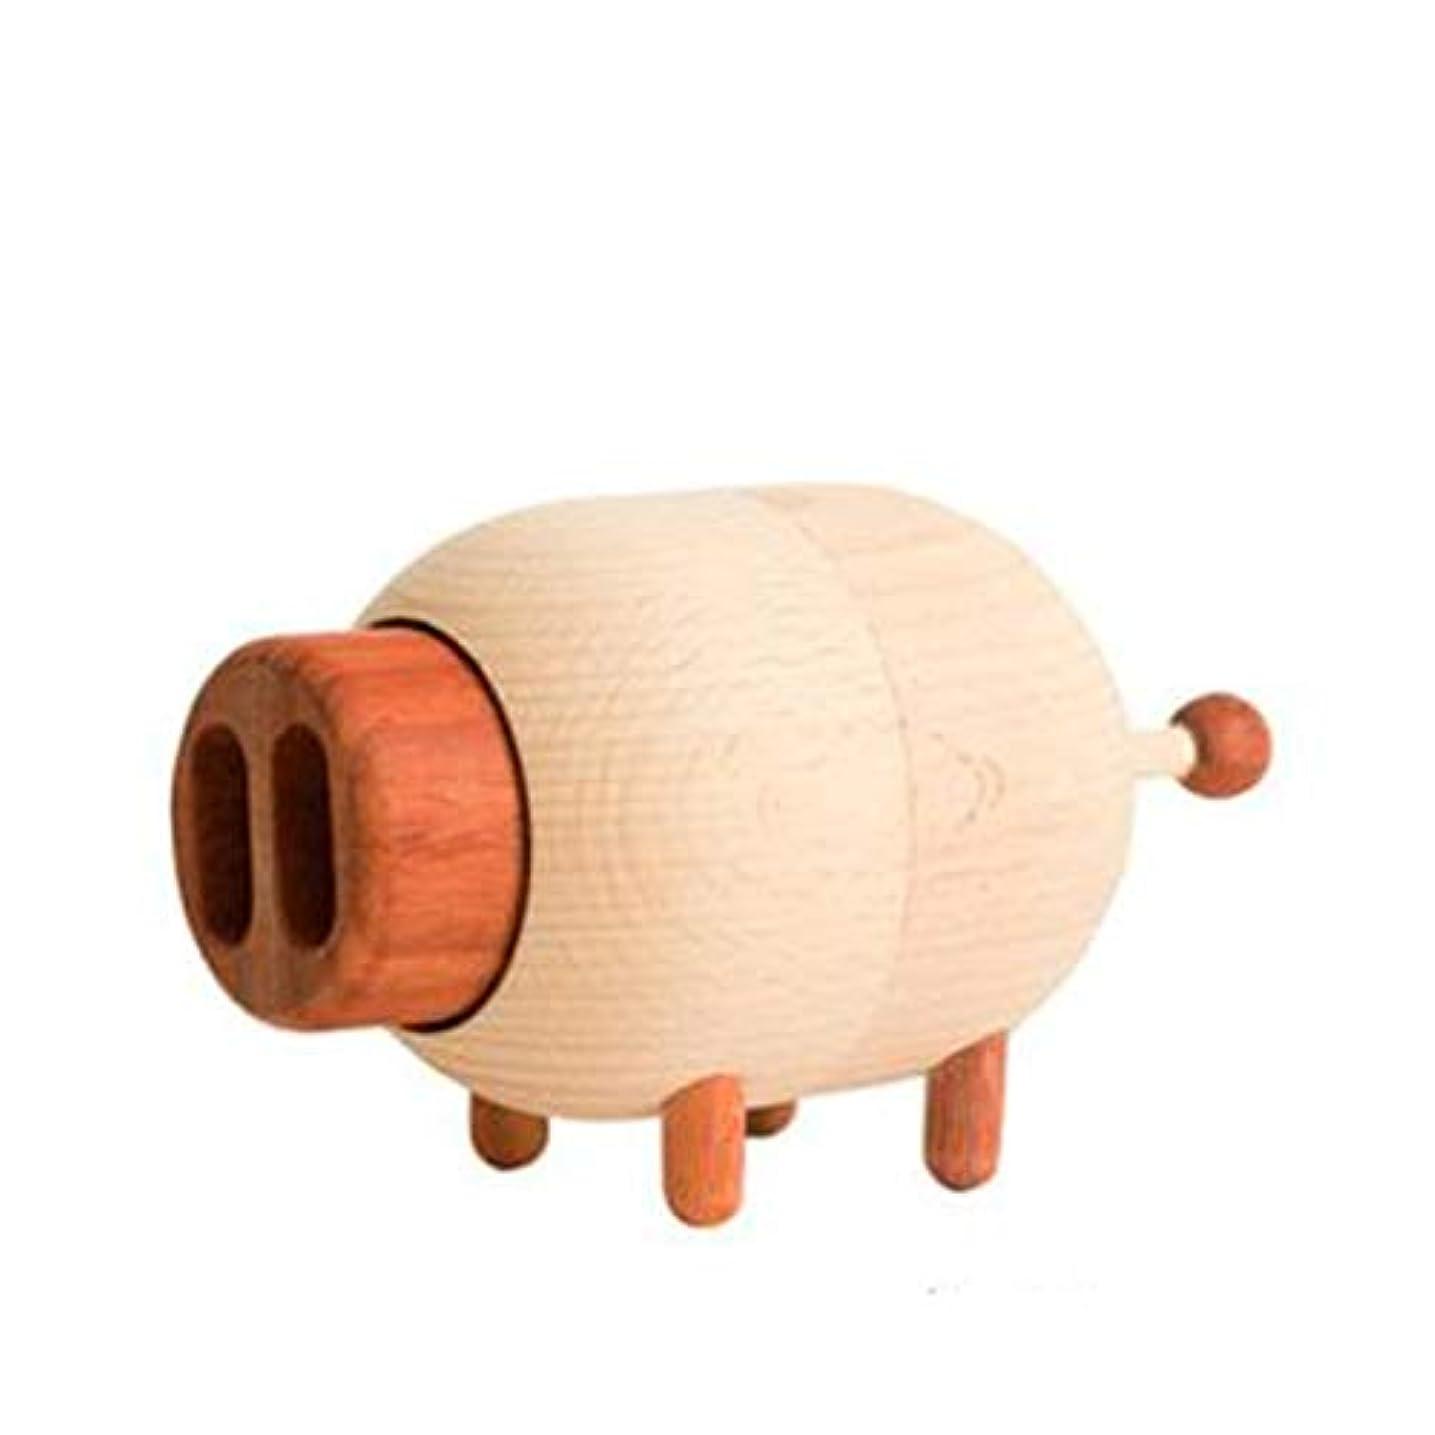 核ボタン航海のHongyushanghang ギフト豚オルゴールスカイシティオルゴール木製回転クリエイティブ送信女の子カップル誕生日ギフト,、ジュエリークリエイティブホリデーギフトを掛ける (Style : Pig)